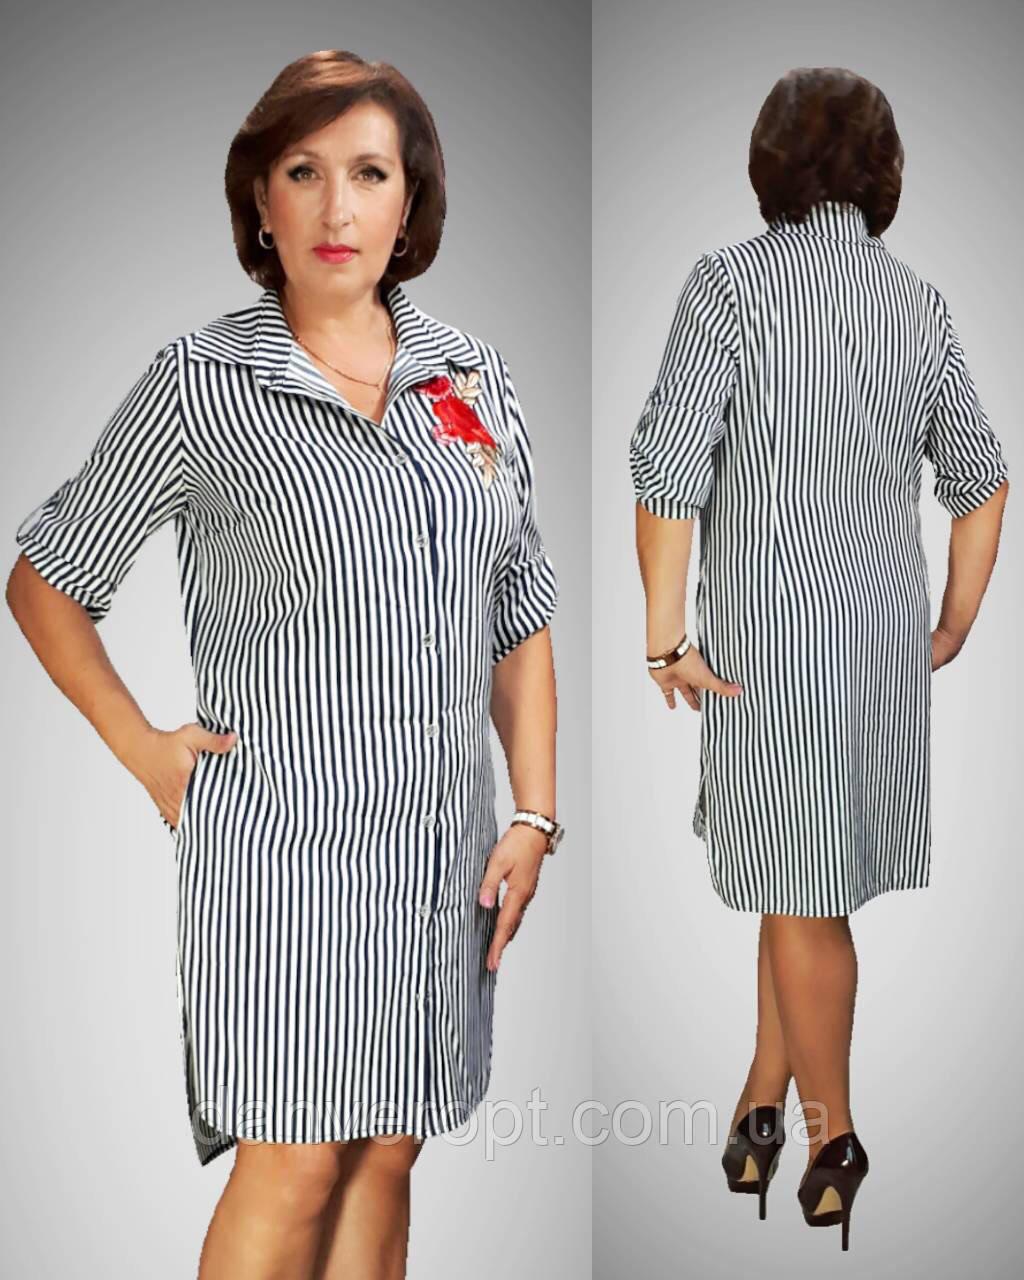 7ed27778a31 Платье женское модное стильная полоска размер 50-56